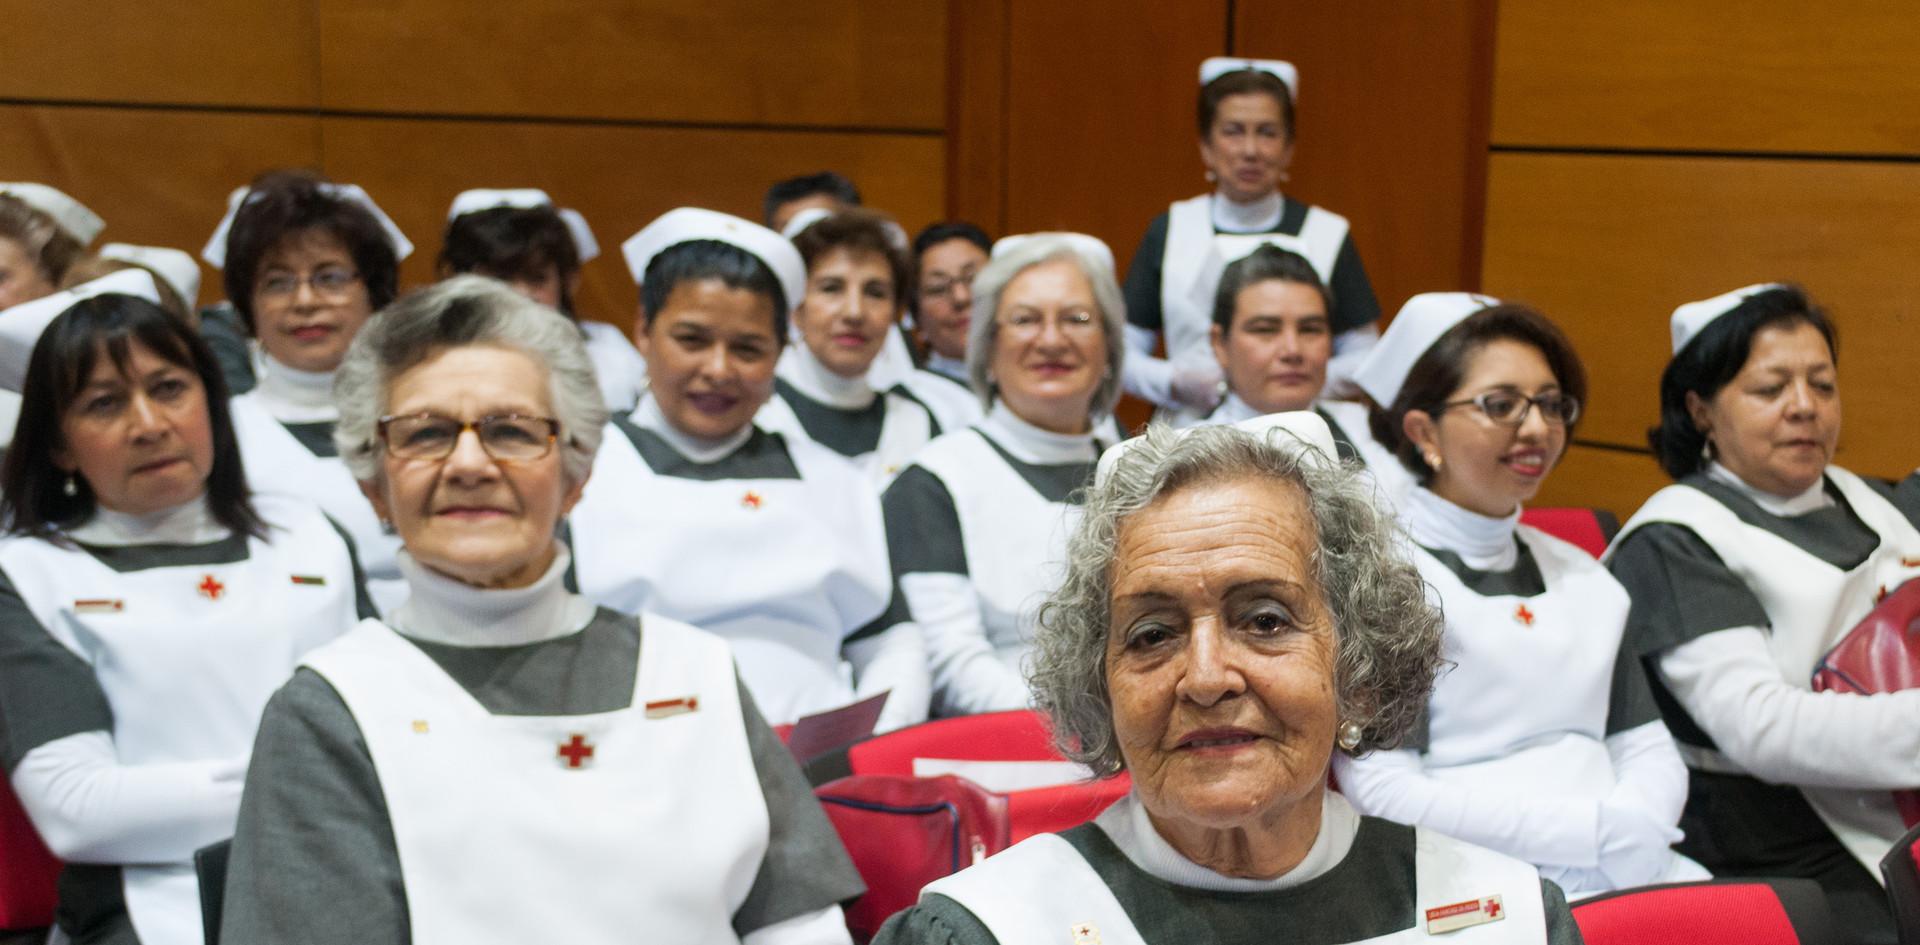 Agrupación damas grises